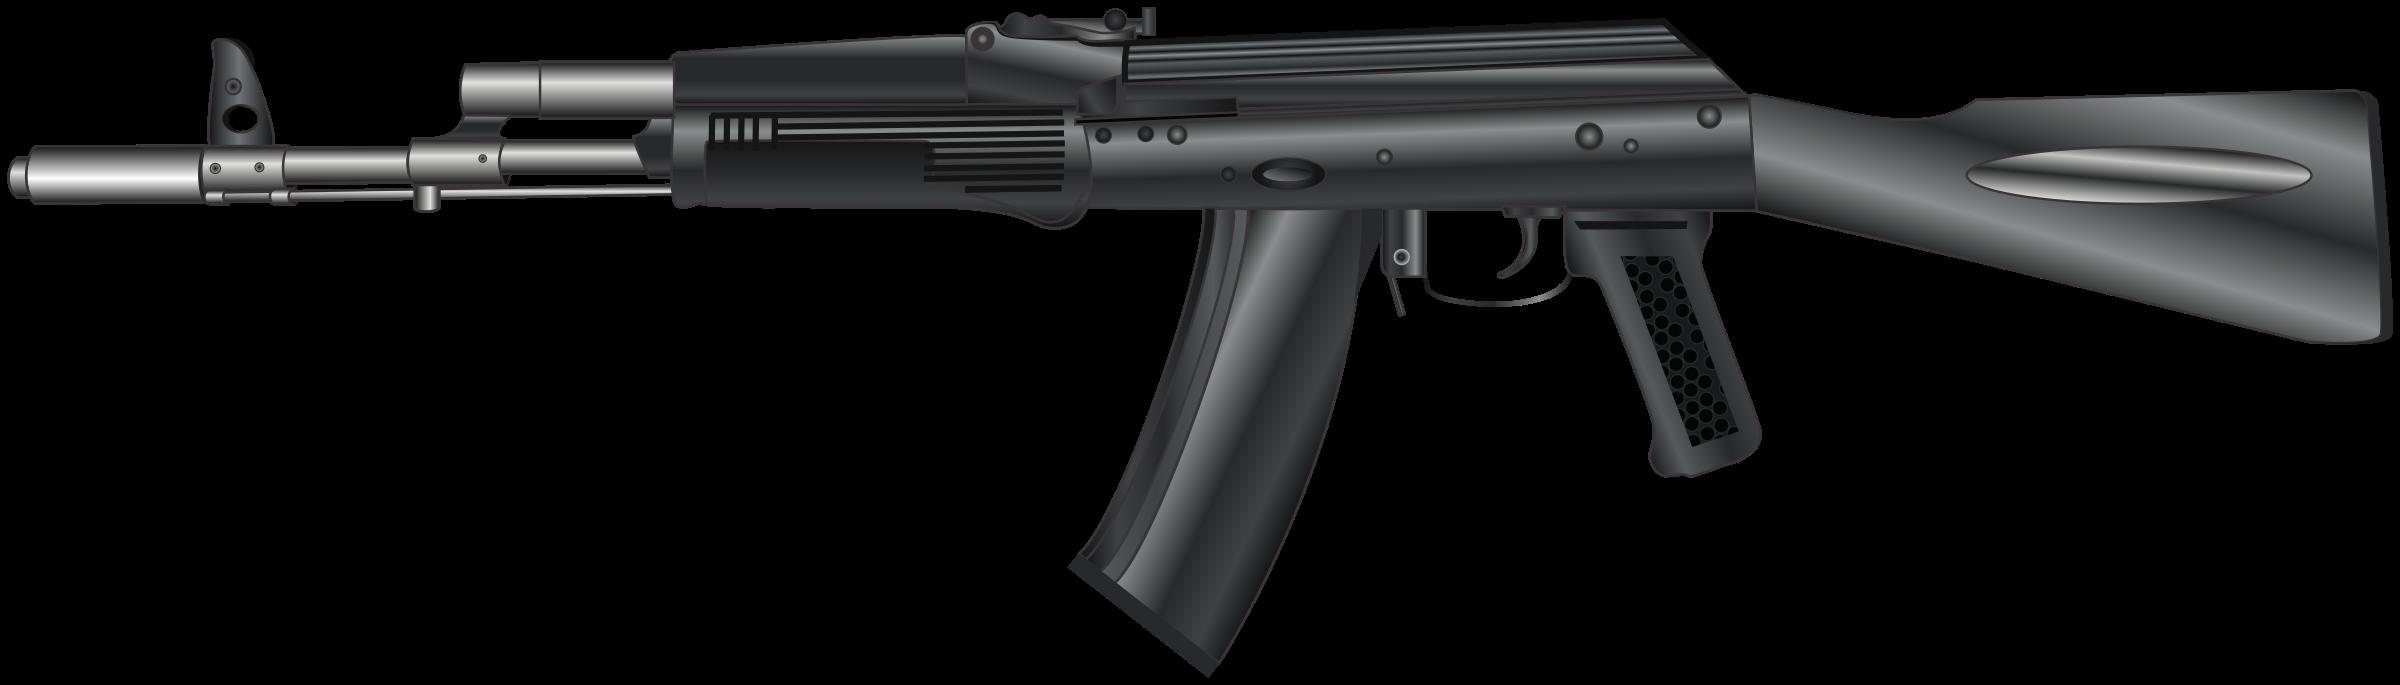 Gun clipart ak47. Ak kalashnikov rifle big